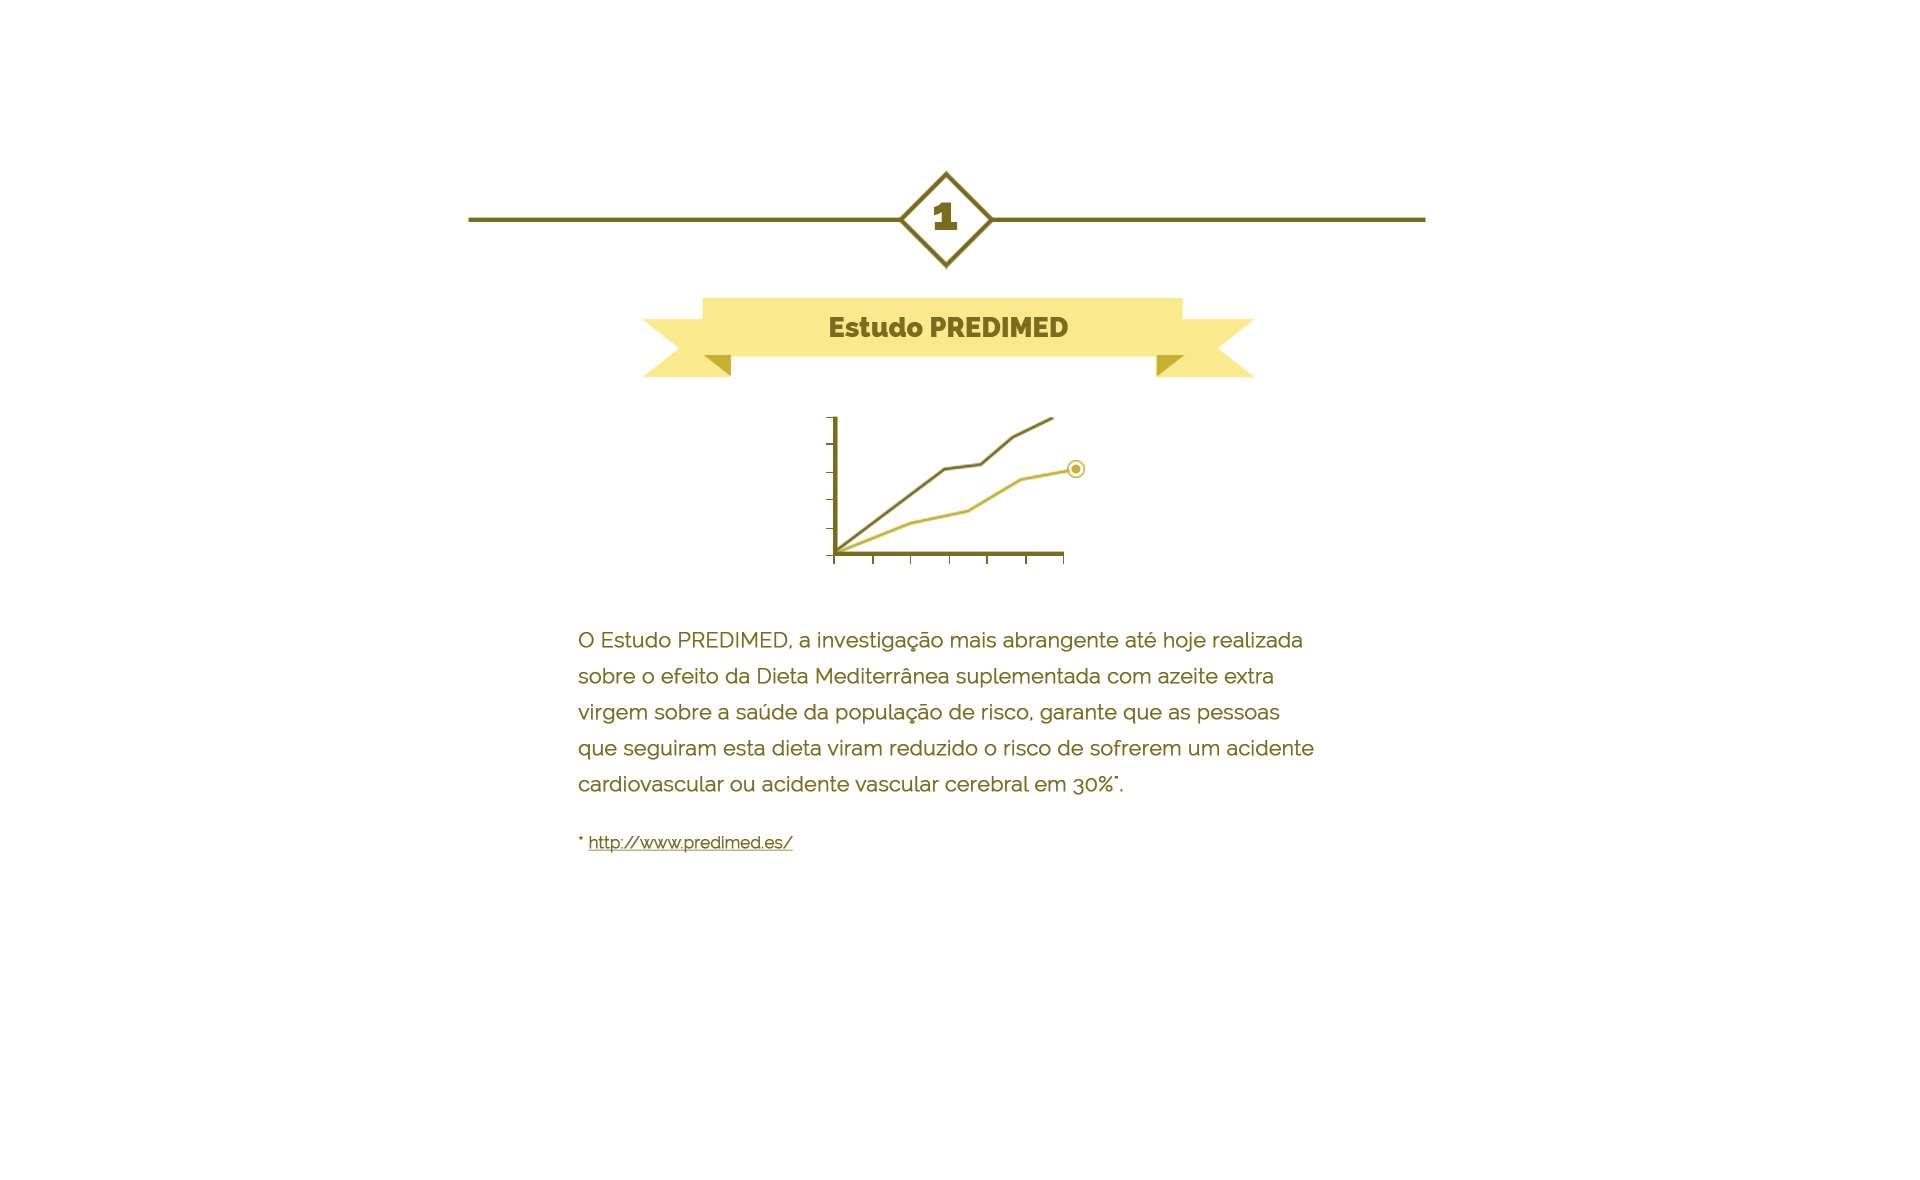 estudo predimed sobre o azeite de oliva